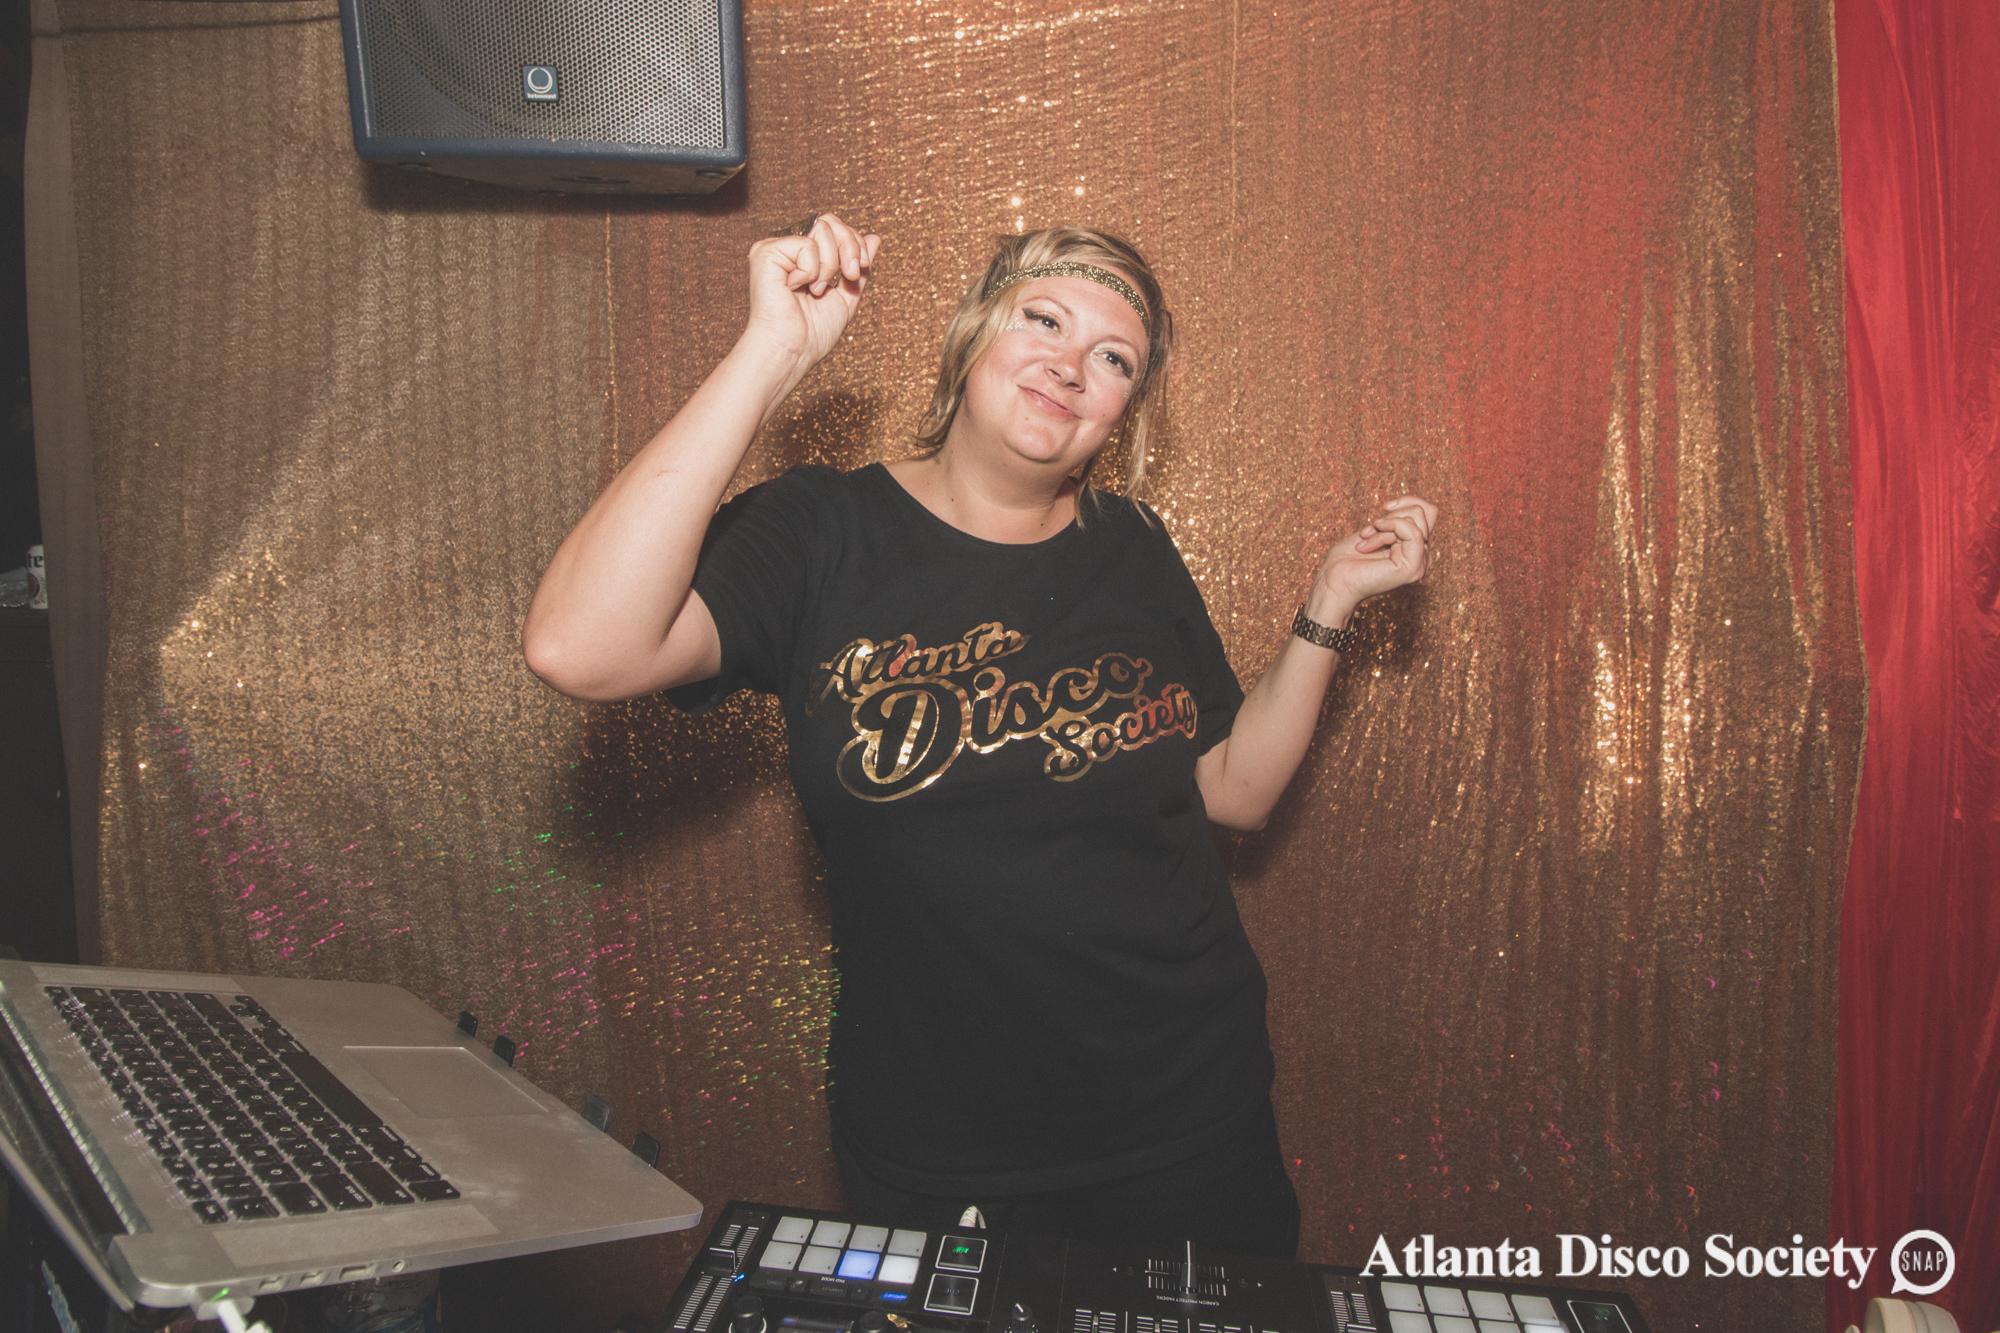 194Atlanta Disco Society Grace Kelly Oh Snap Kid 7.27.19.jpg